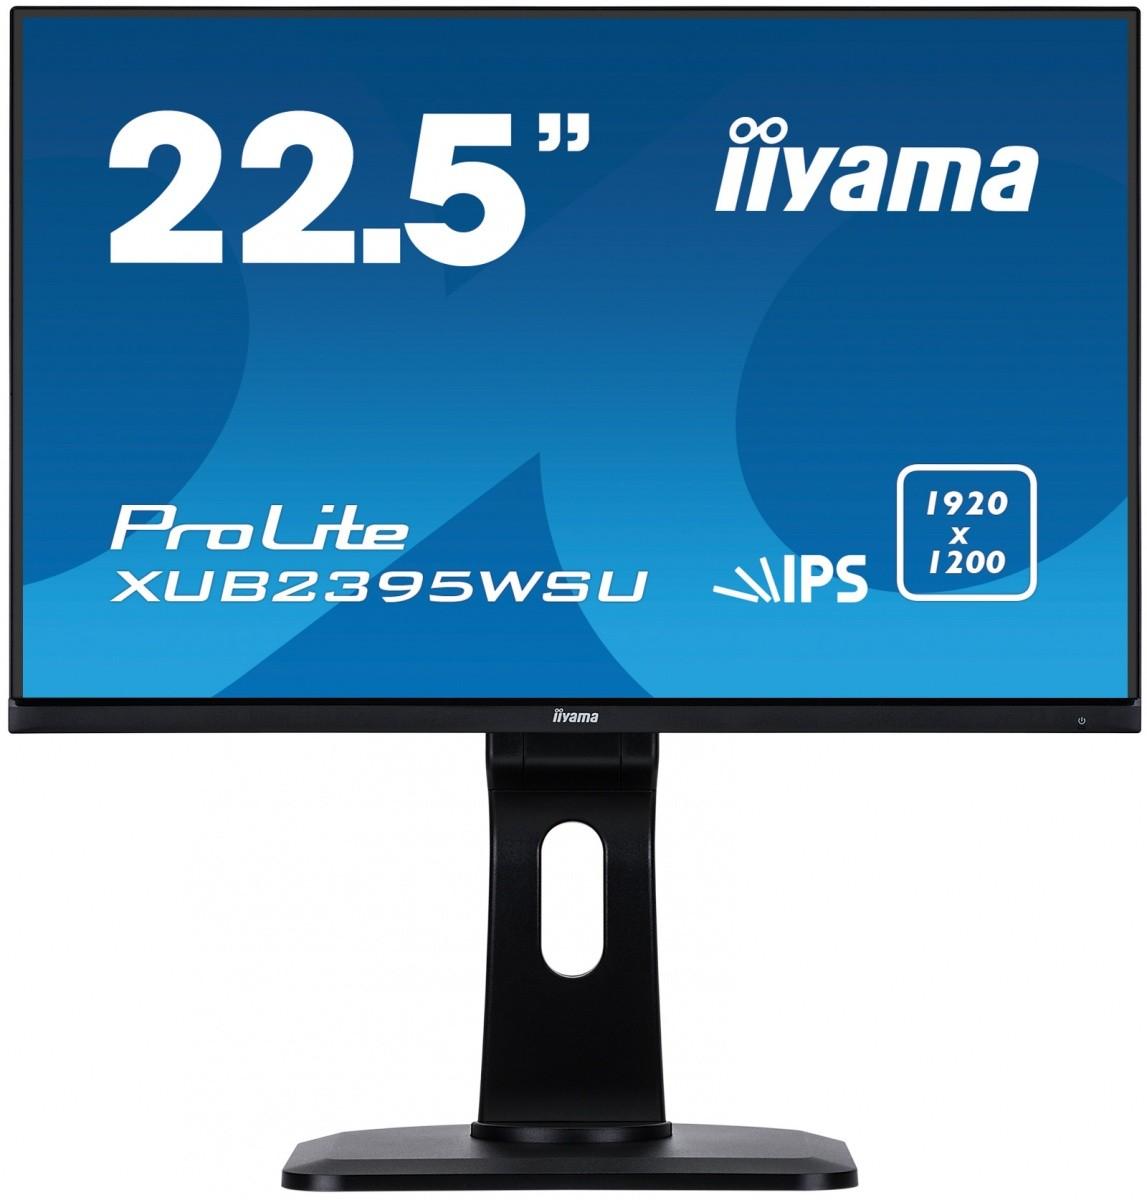 Monitor 22.5 XUB2395WSU-B1 IPS,PIVOT,1920x1200,DP,HDMI